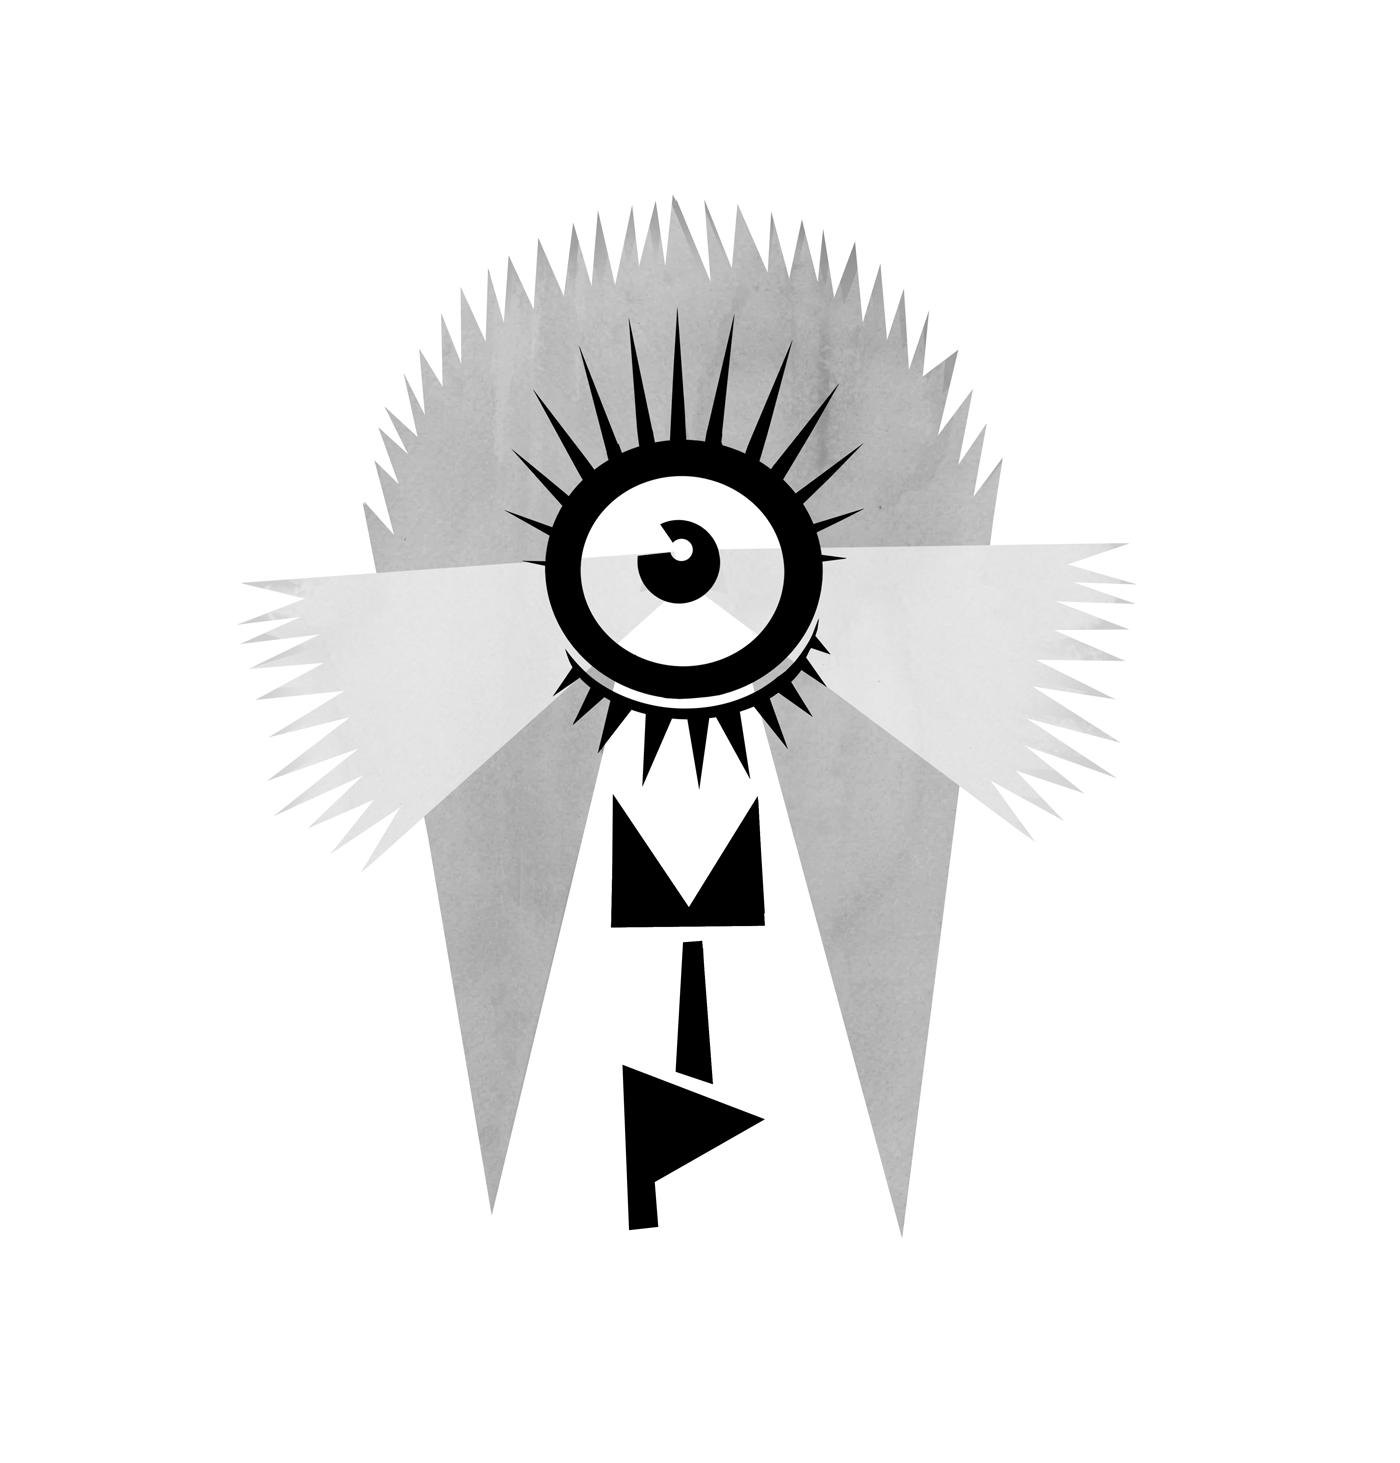 Ministero Immaginazione Pubblica